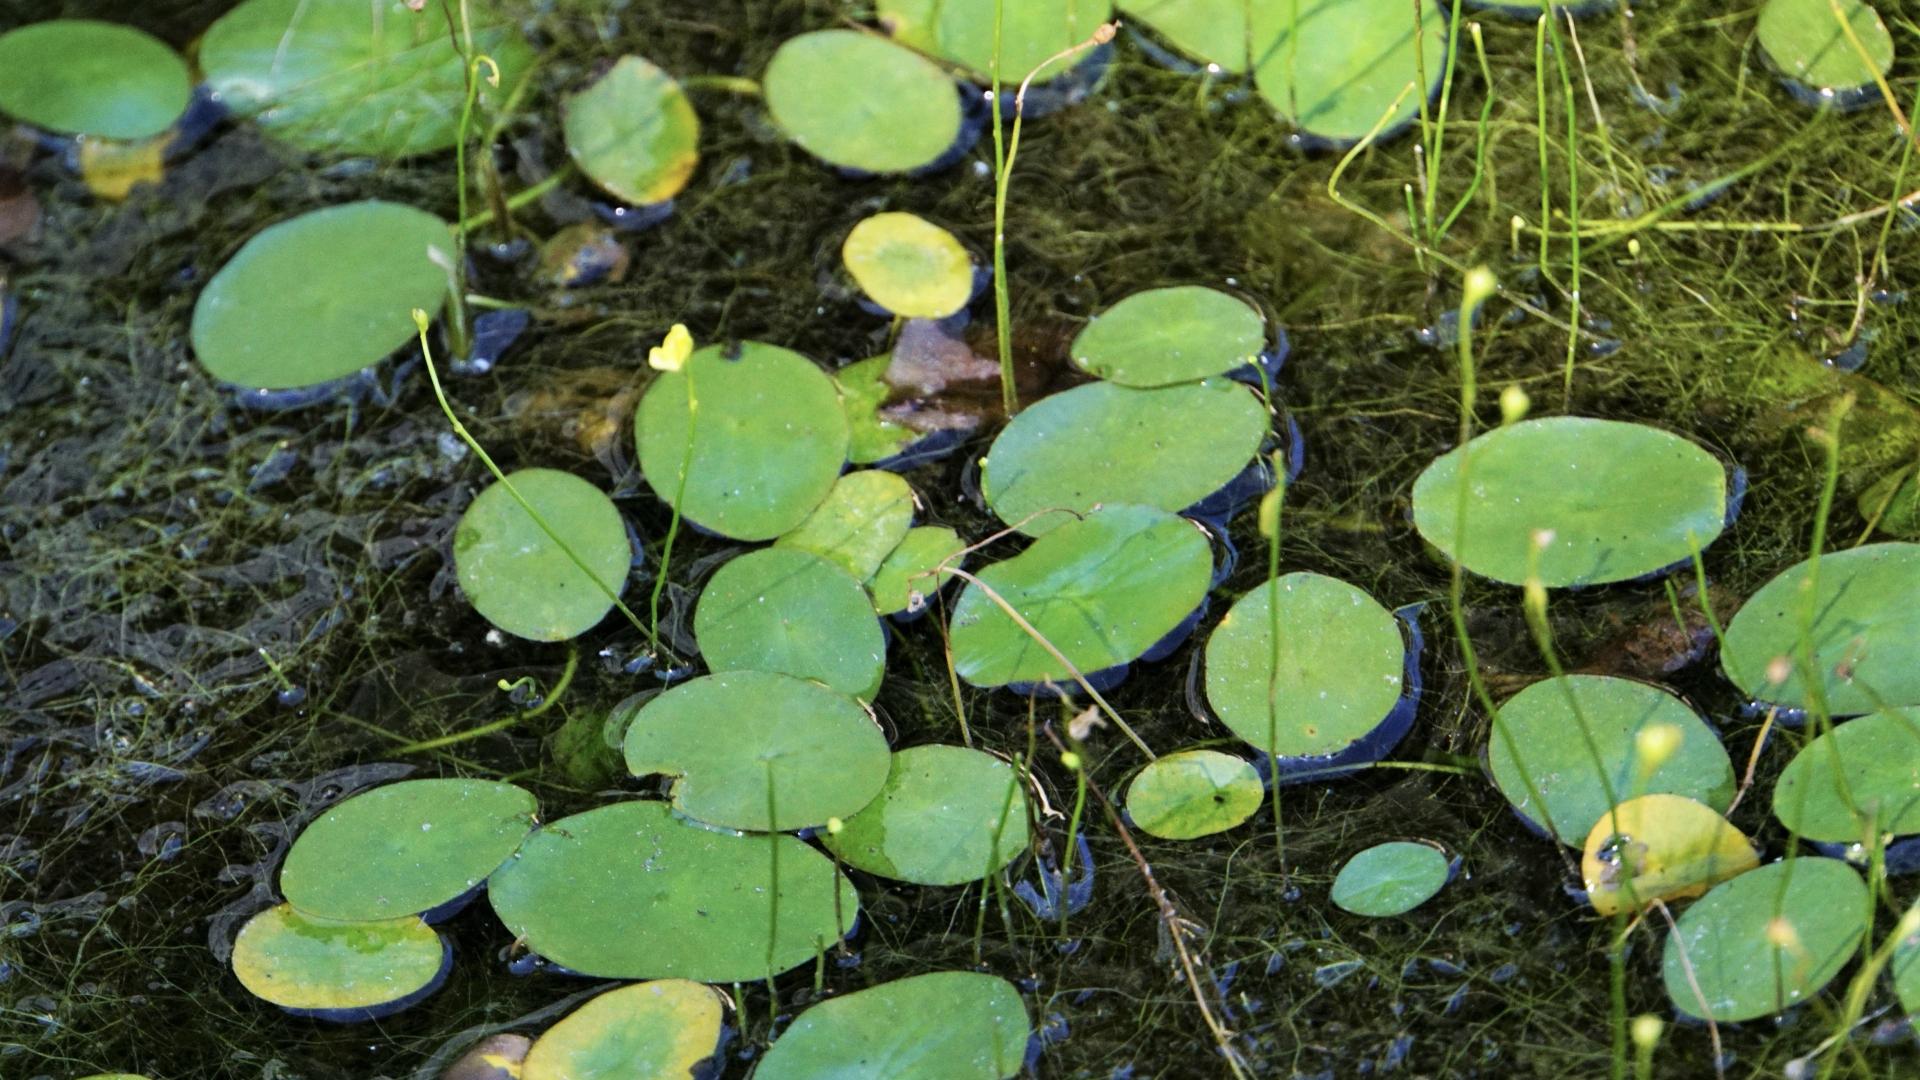 八王子市 長池公園で61年ぶりに「ジュンサイ」と「ミズユキノシタ」が発見される